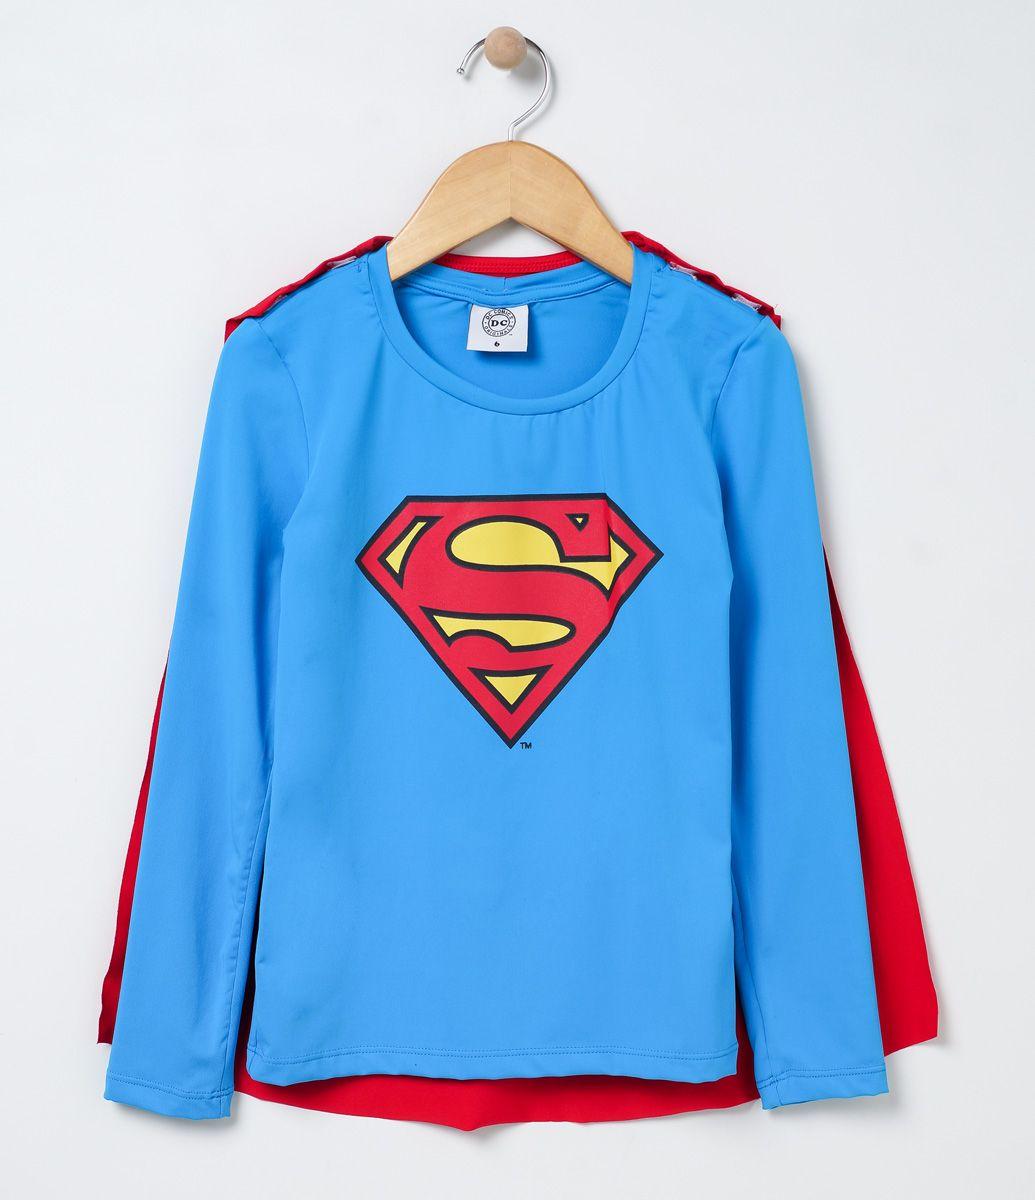 f6326ed9a Camiseta infantil Manga longa Gola redonda Com capa removível Com estampa Super  Homem Com proteção UV Marca  Accessories COLEÇÃO VERÃO 2017 Veja outras ...